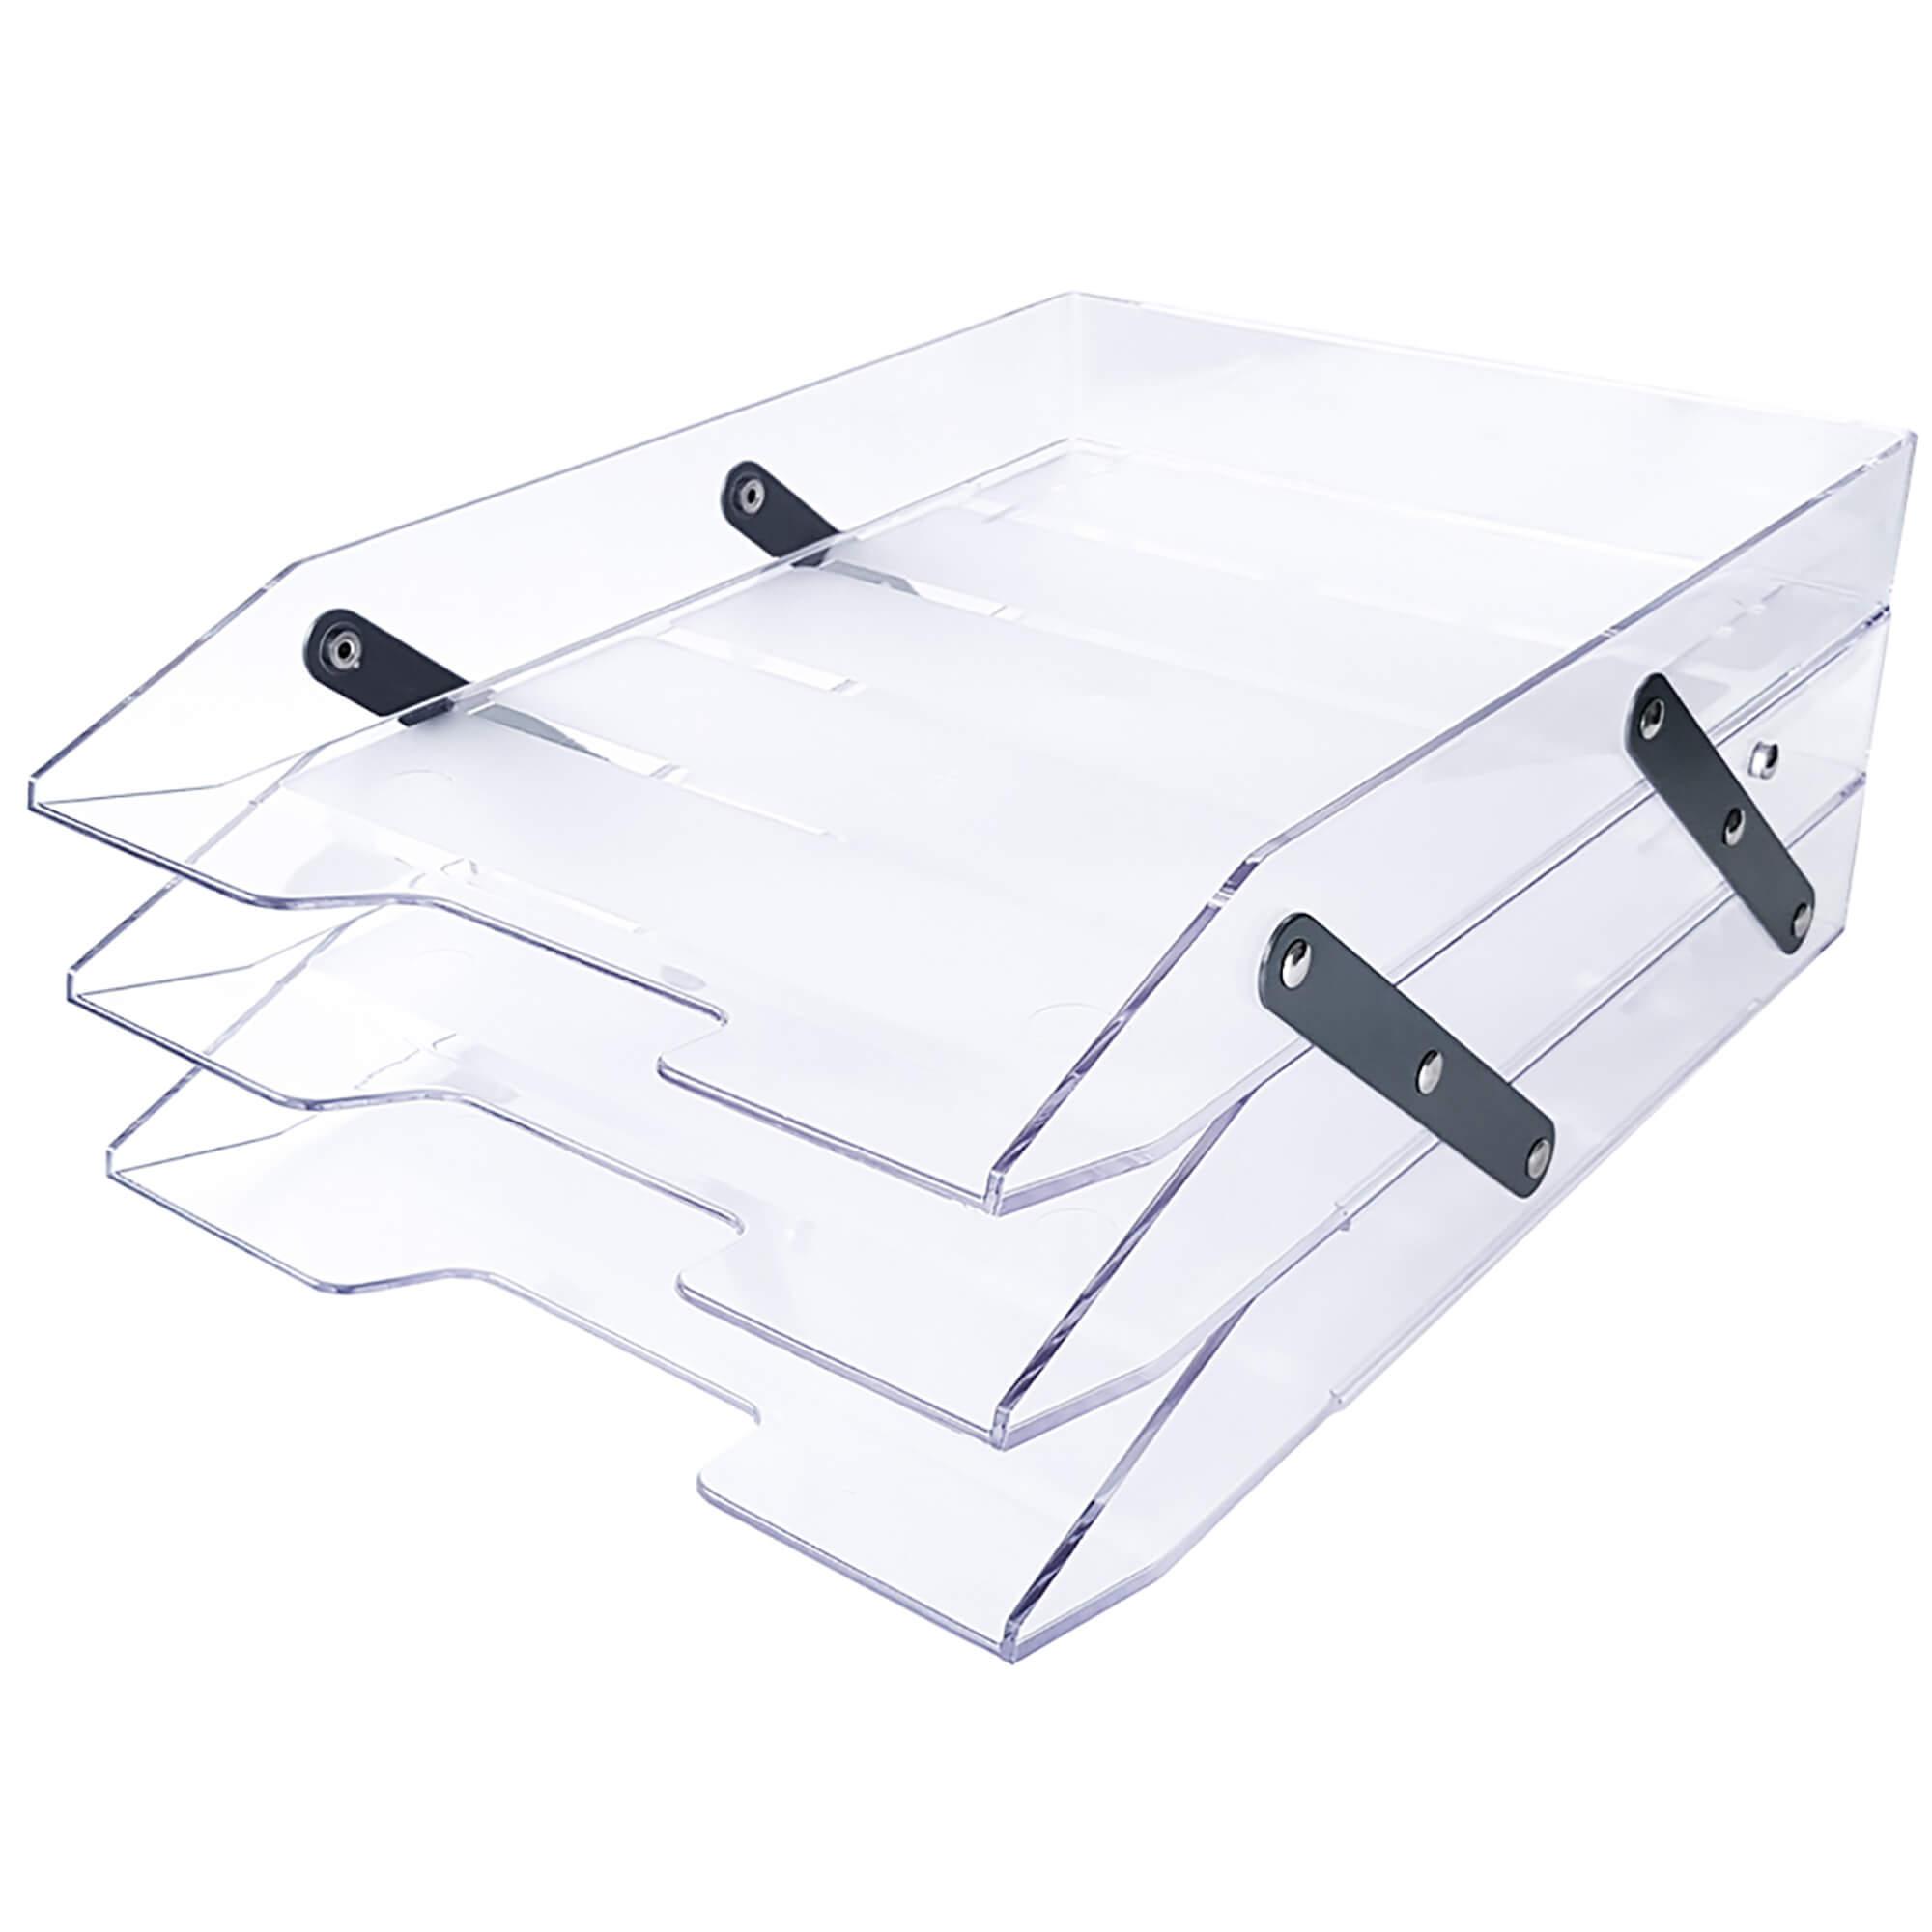 Caixa para Correspondencia Poliestireno Tripla Articulável Cristal 245.3 CX 1 UN - Acrimet